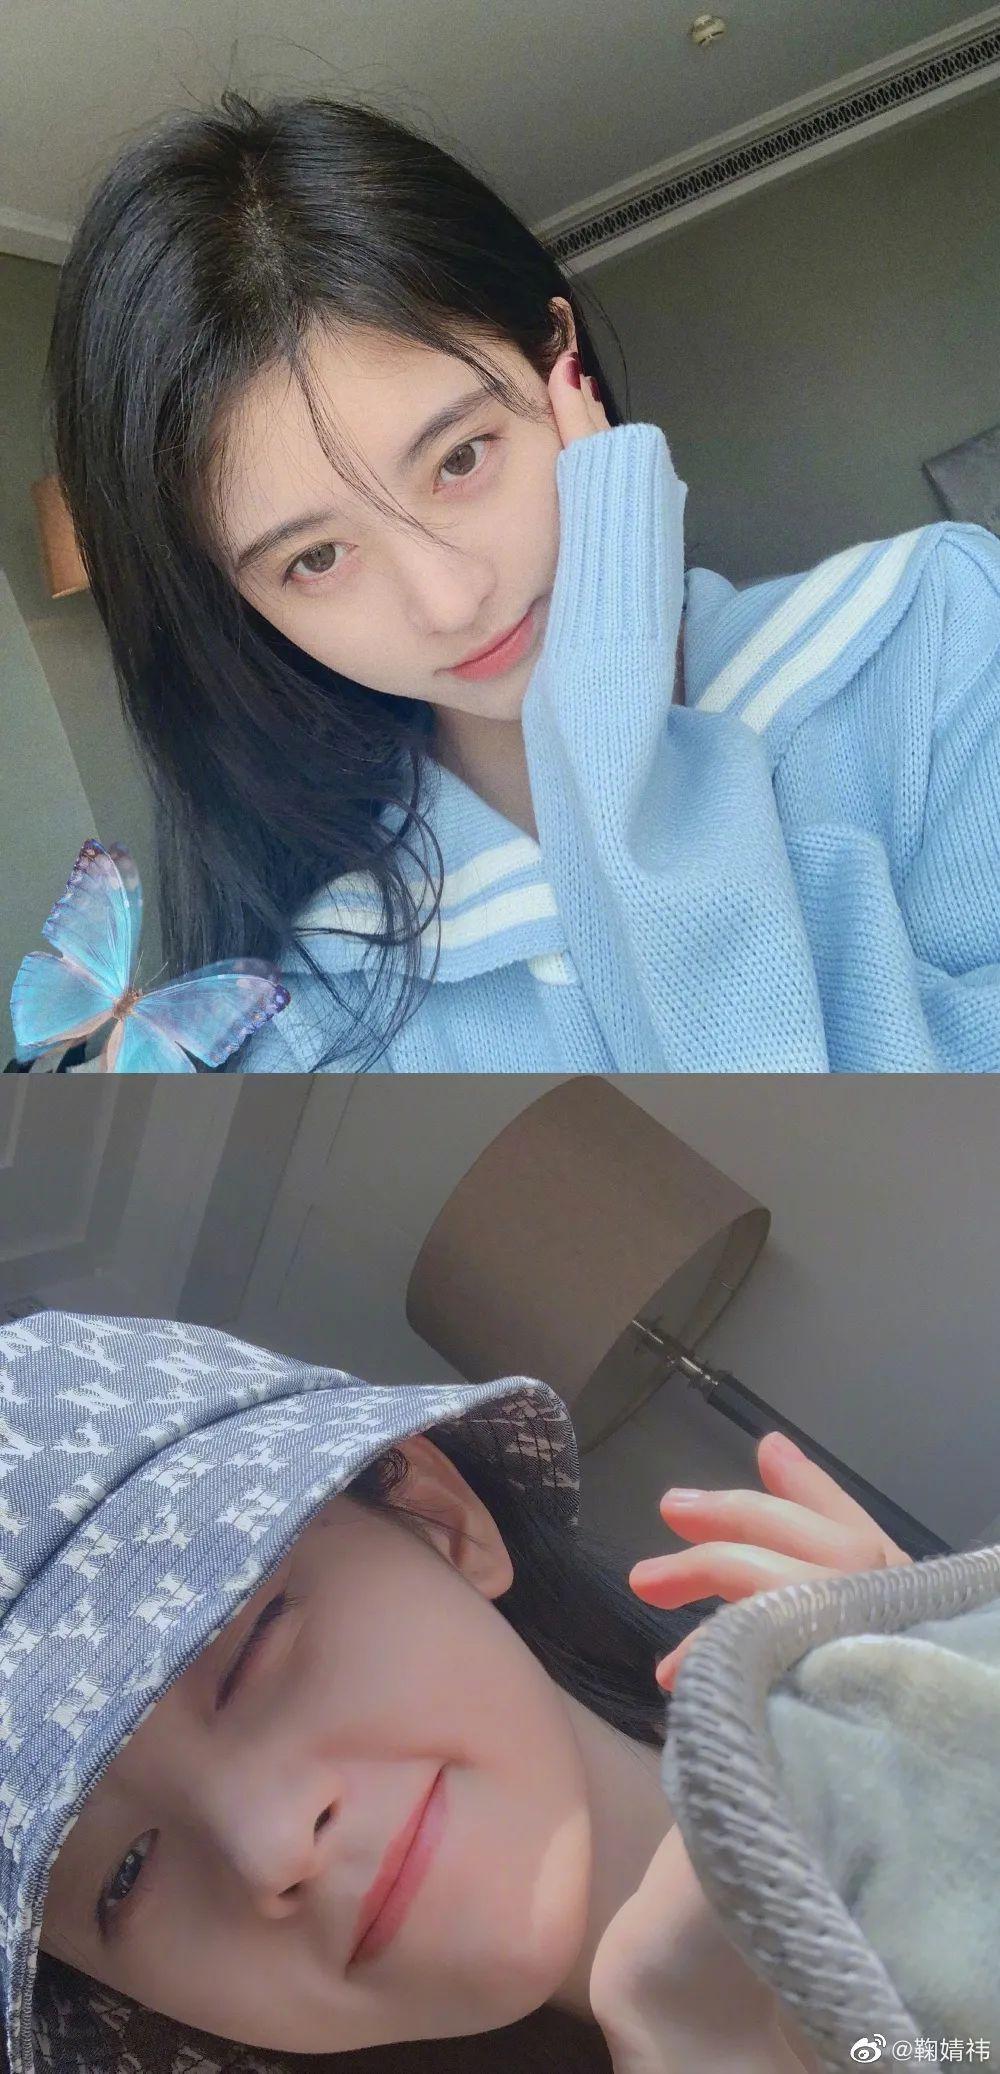 妹子写真 -美少女鞠婧祎和日本演员三吉彩花,你喜欢哪位呢?_图片 No.13